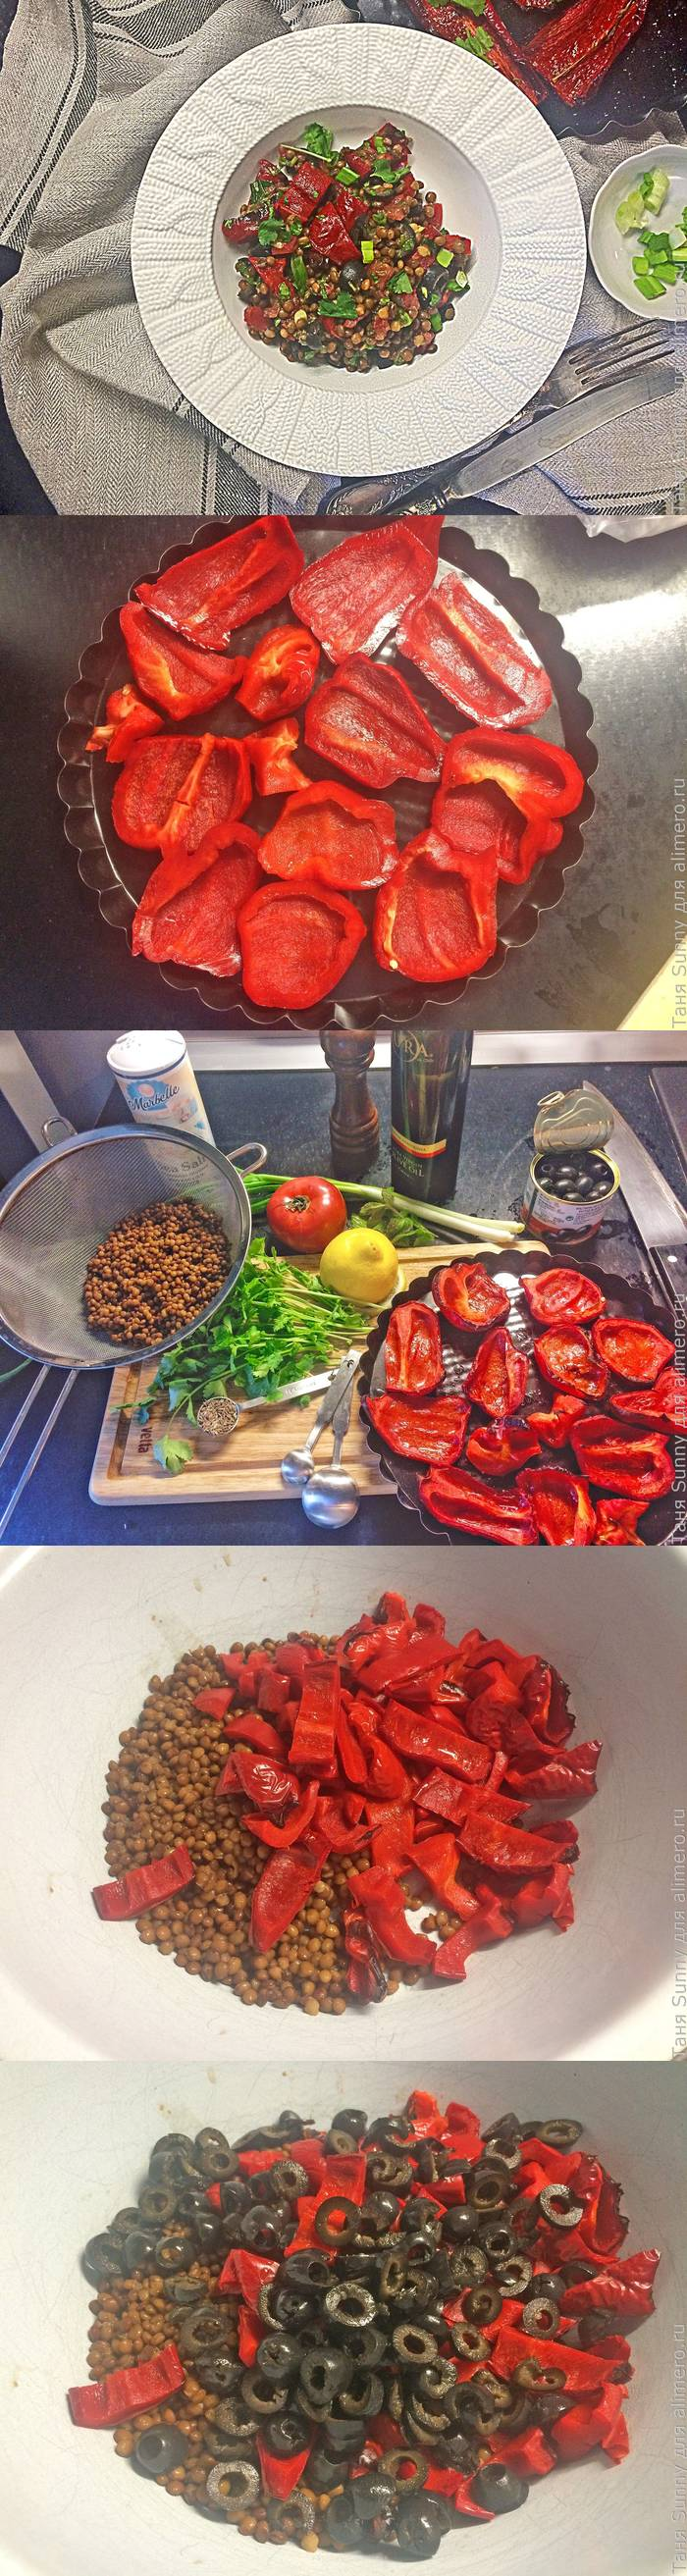 Салат из перца на гриле и чечевицы